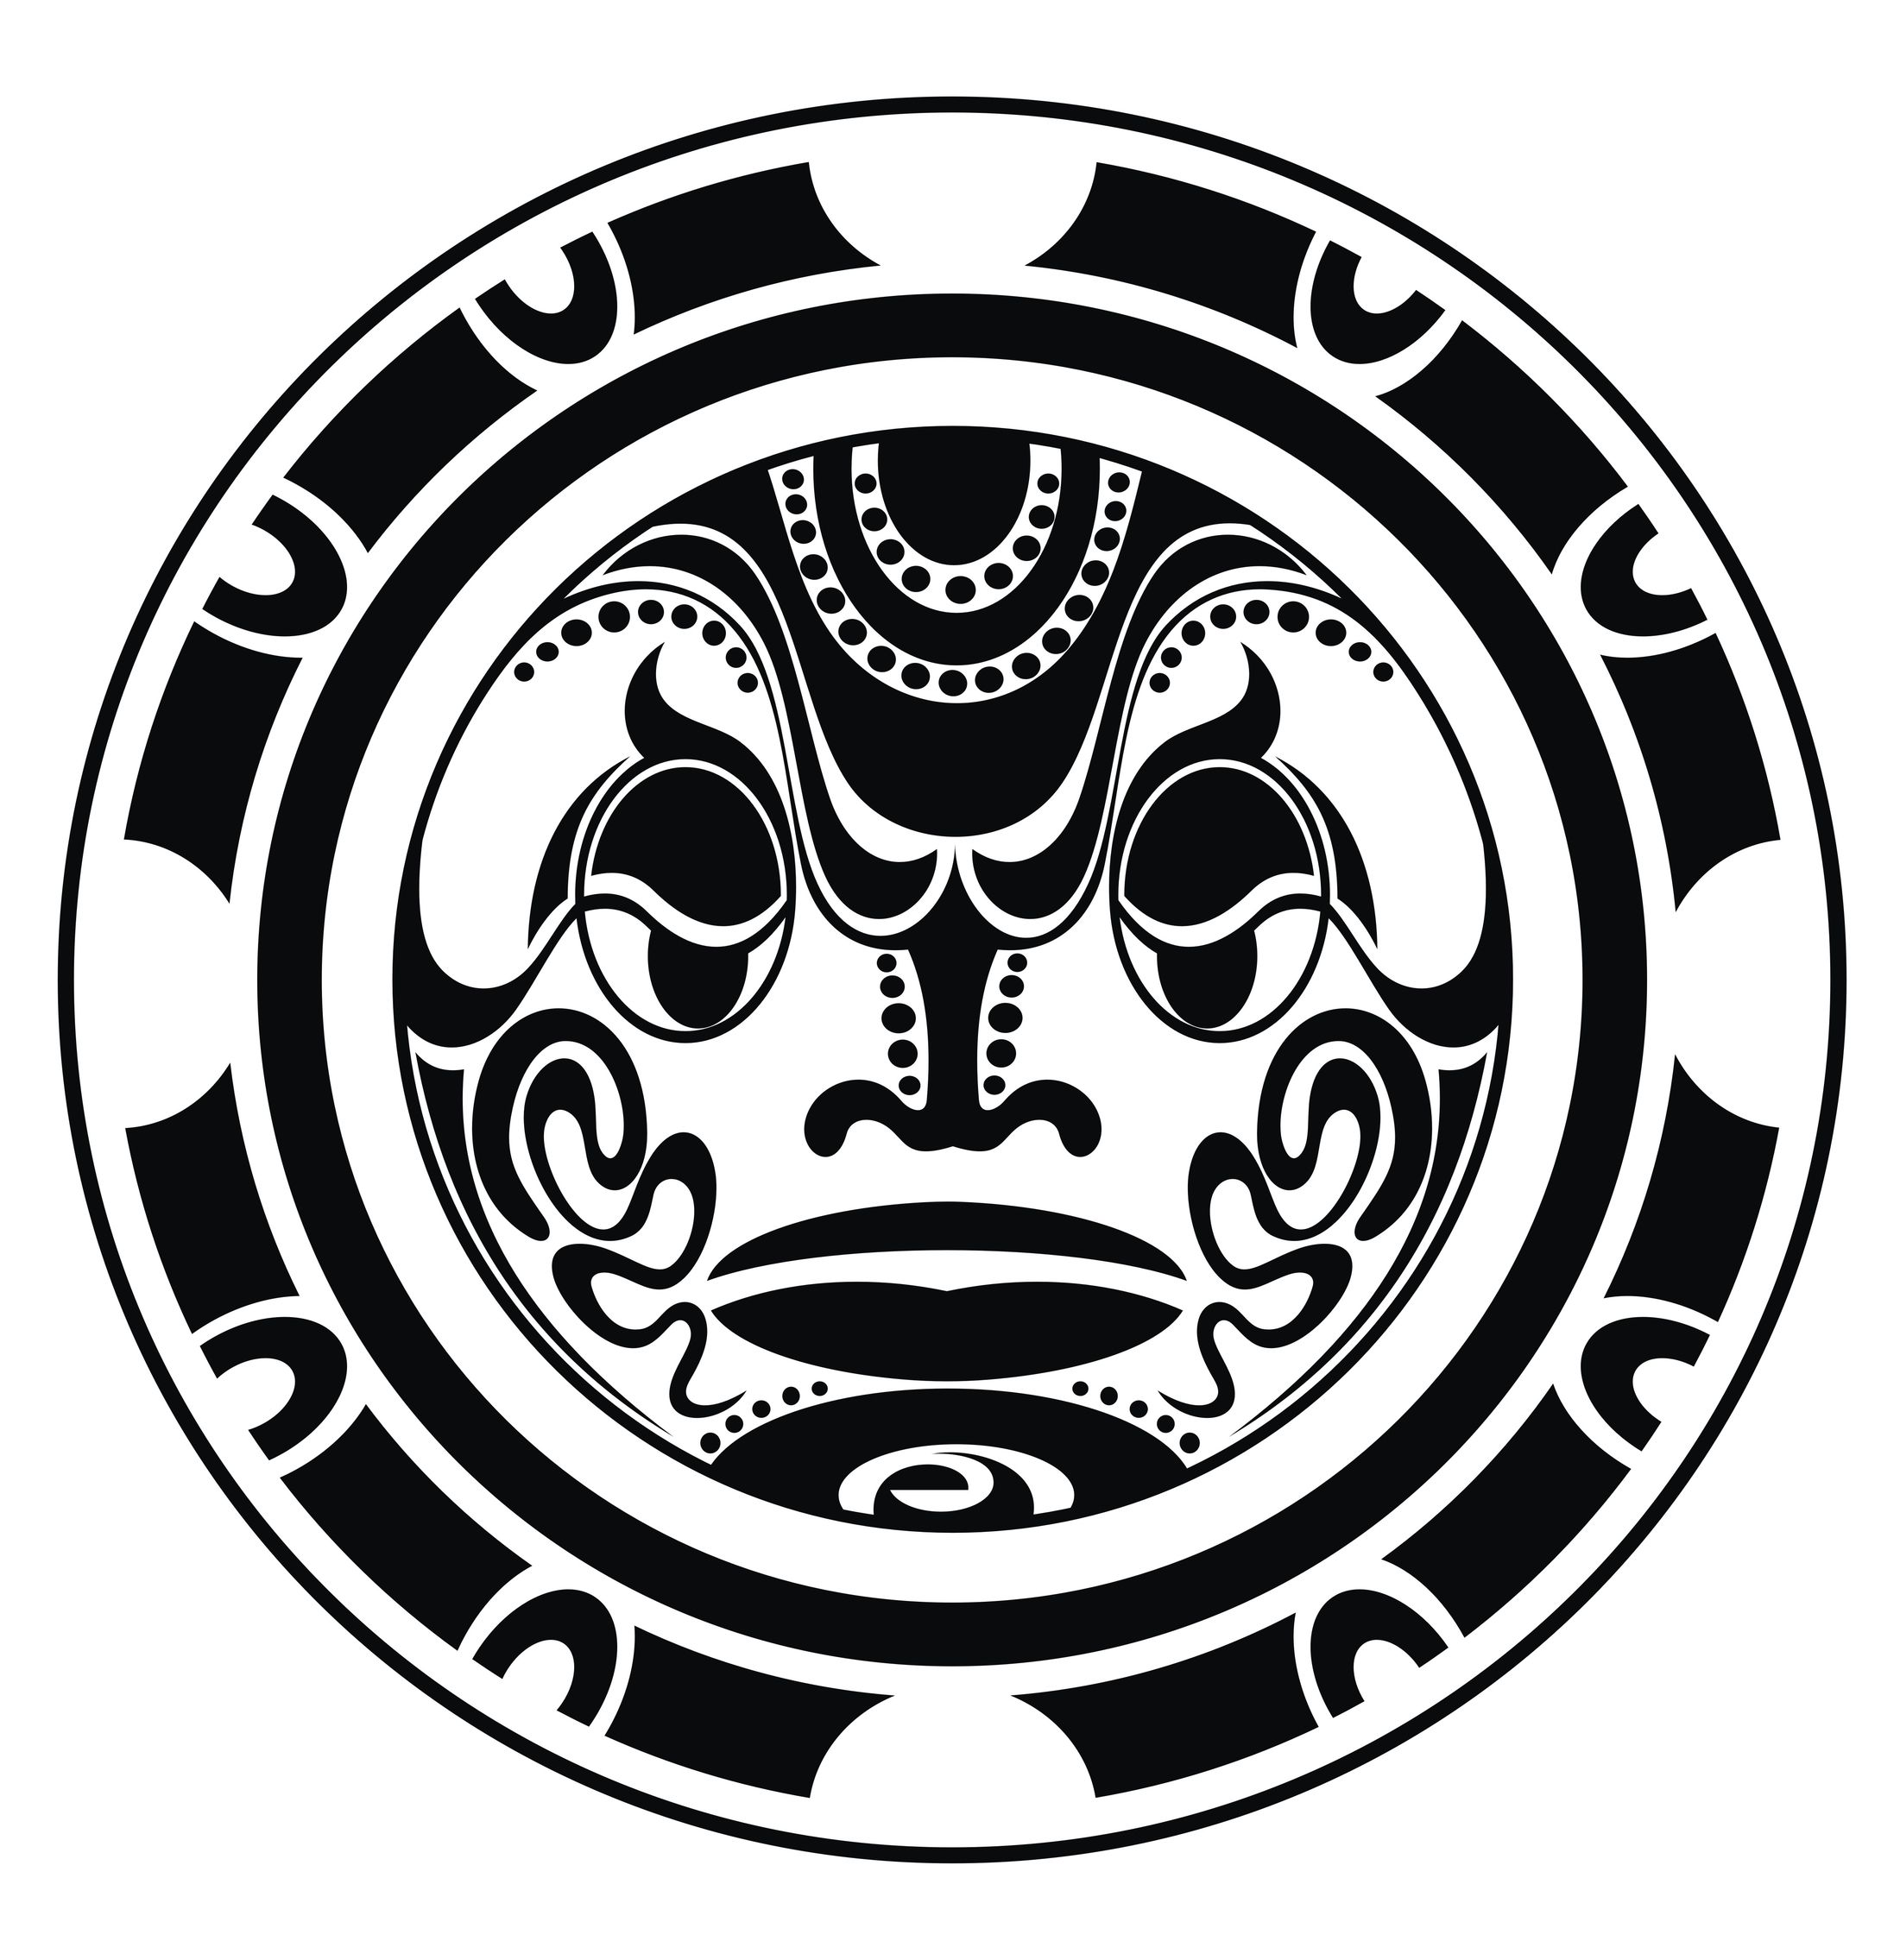 Maori Sun Tattoo: Tongan Tattoos With Meanings